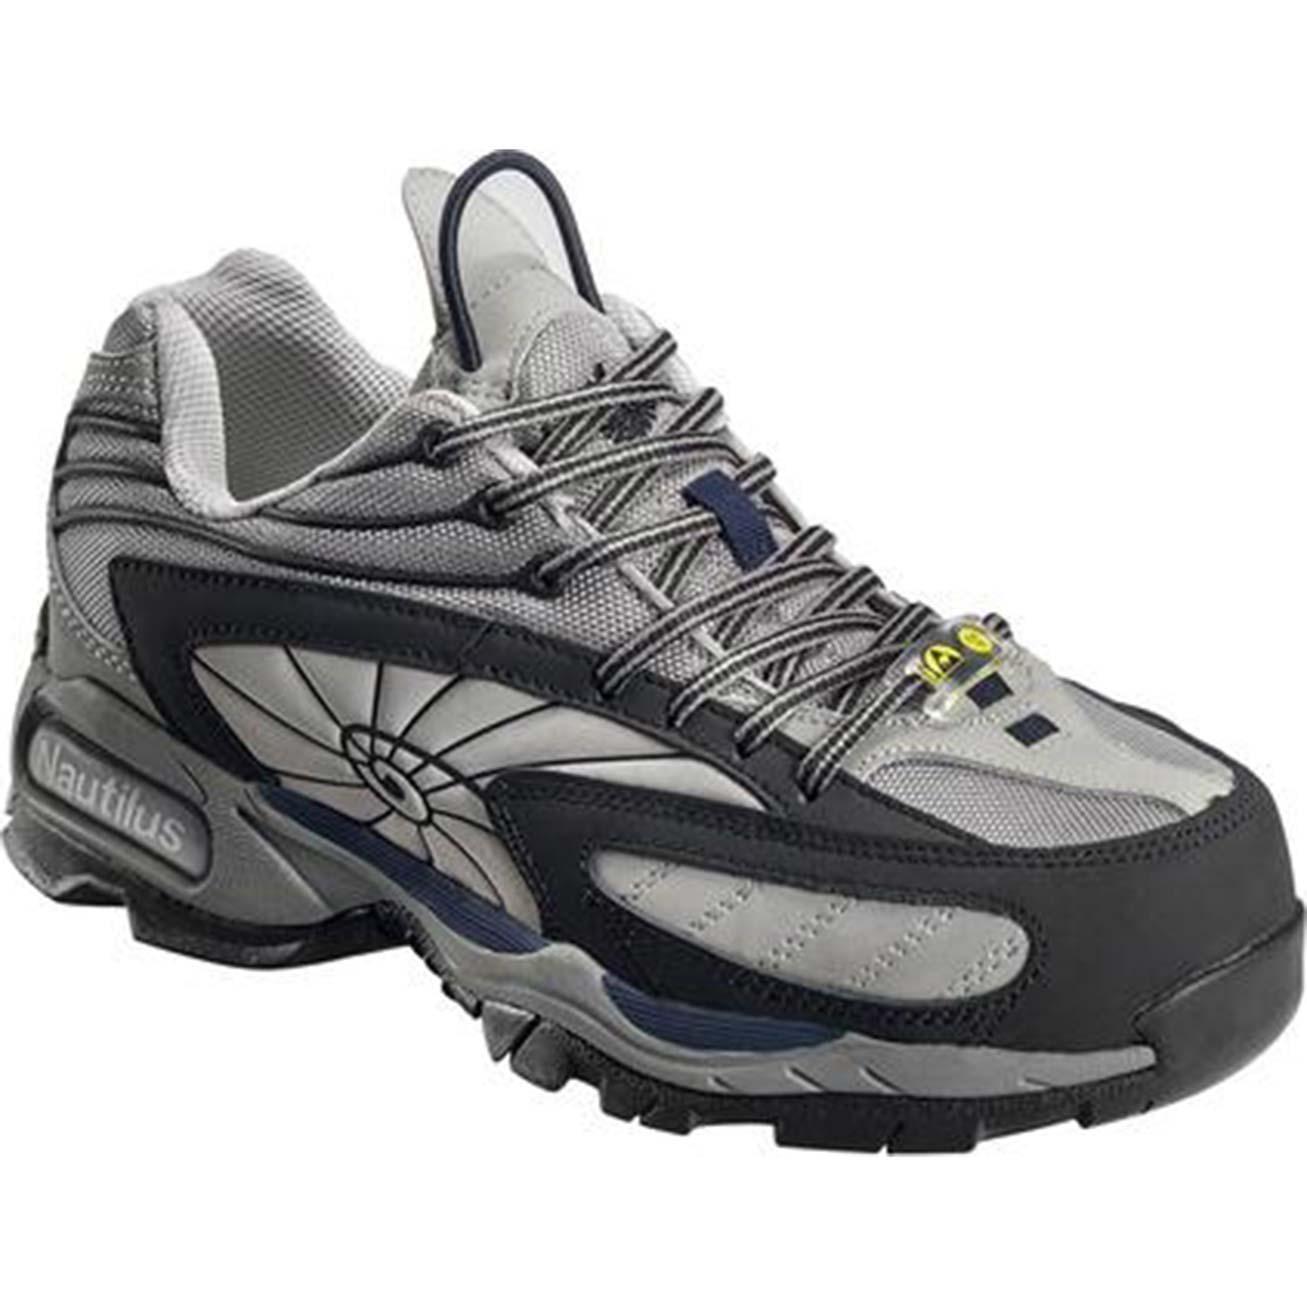 cheap steel toe shoes walmart